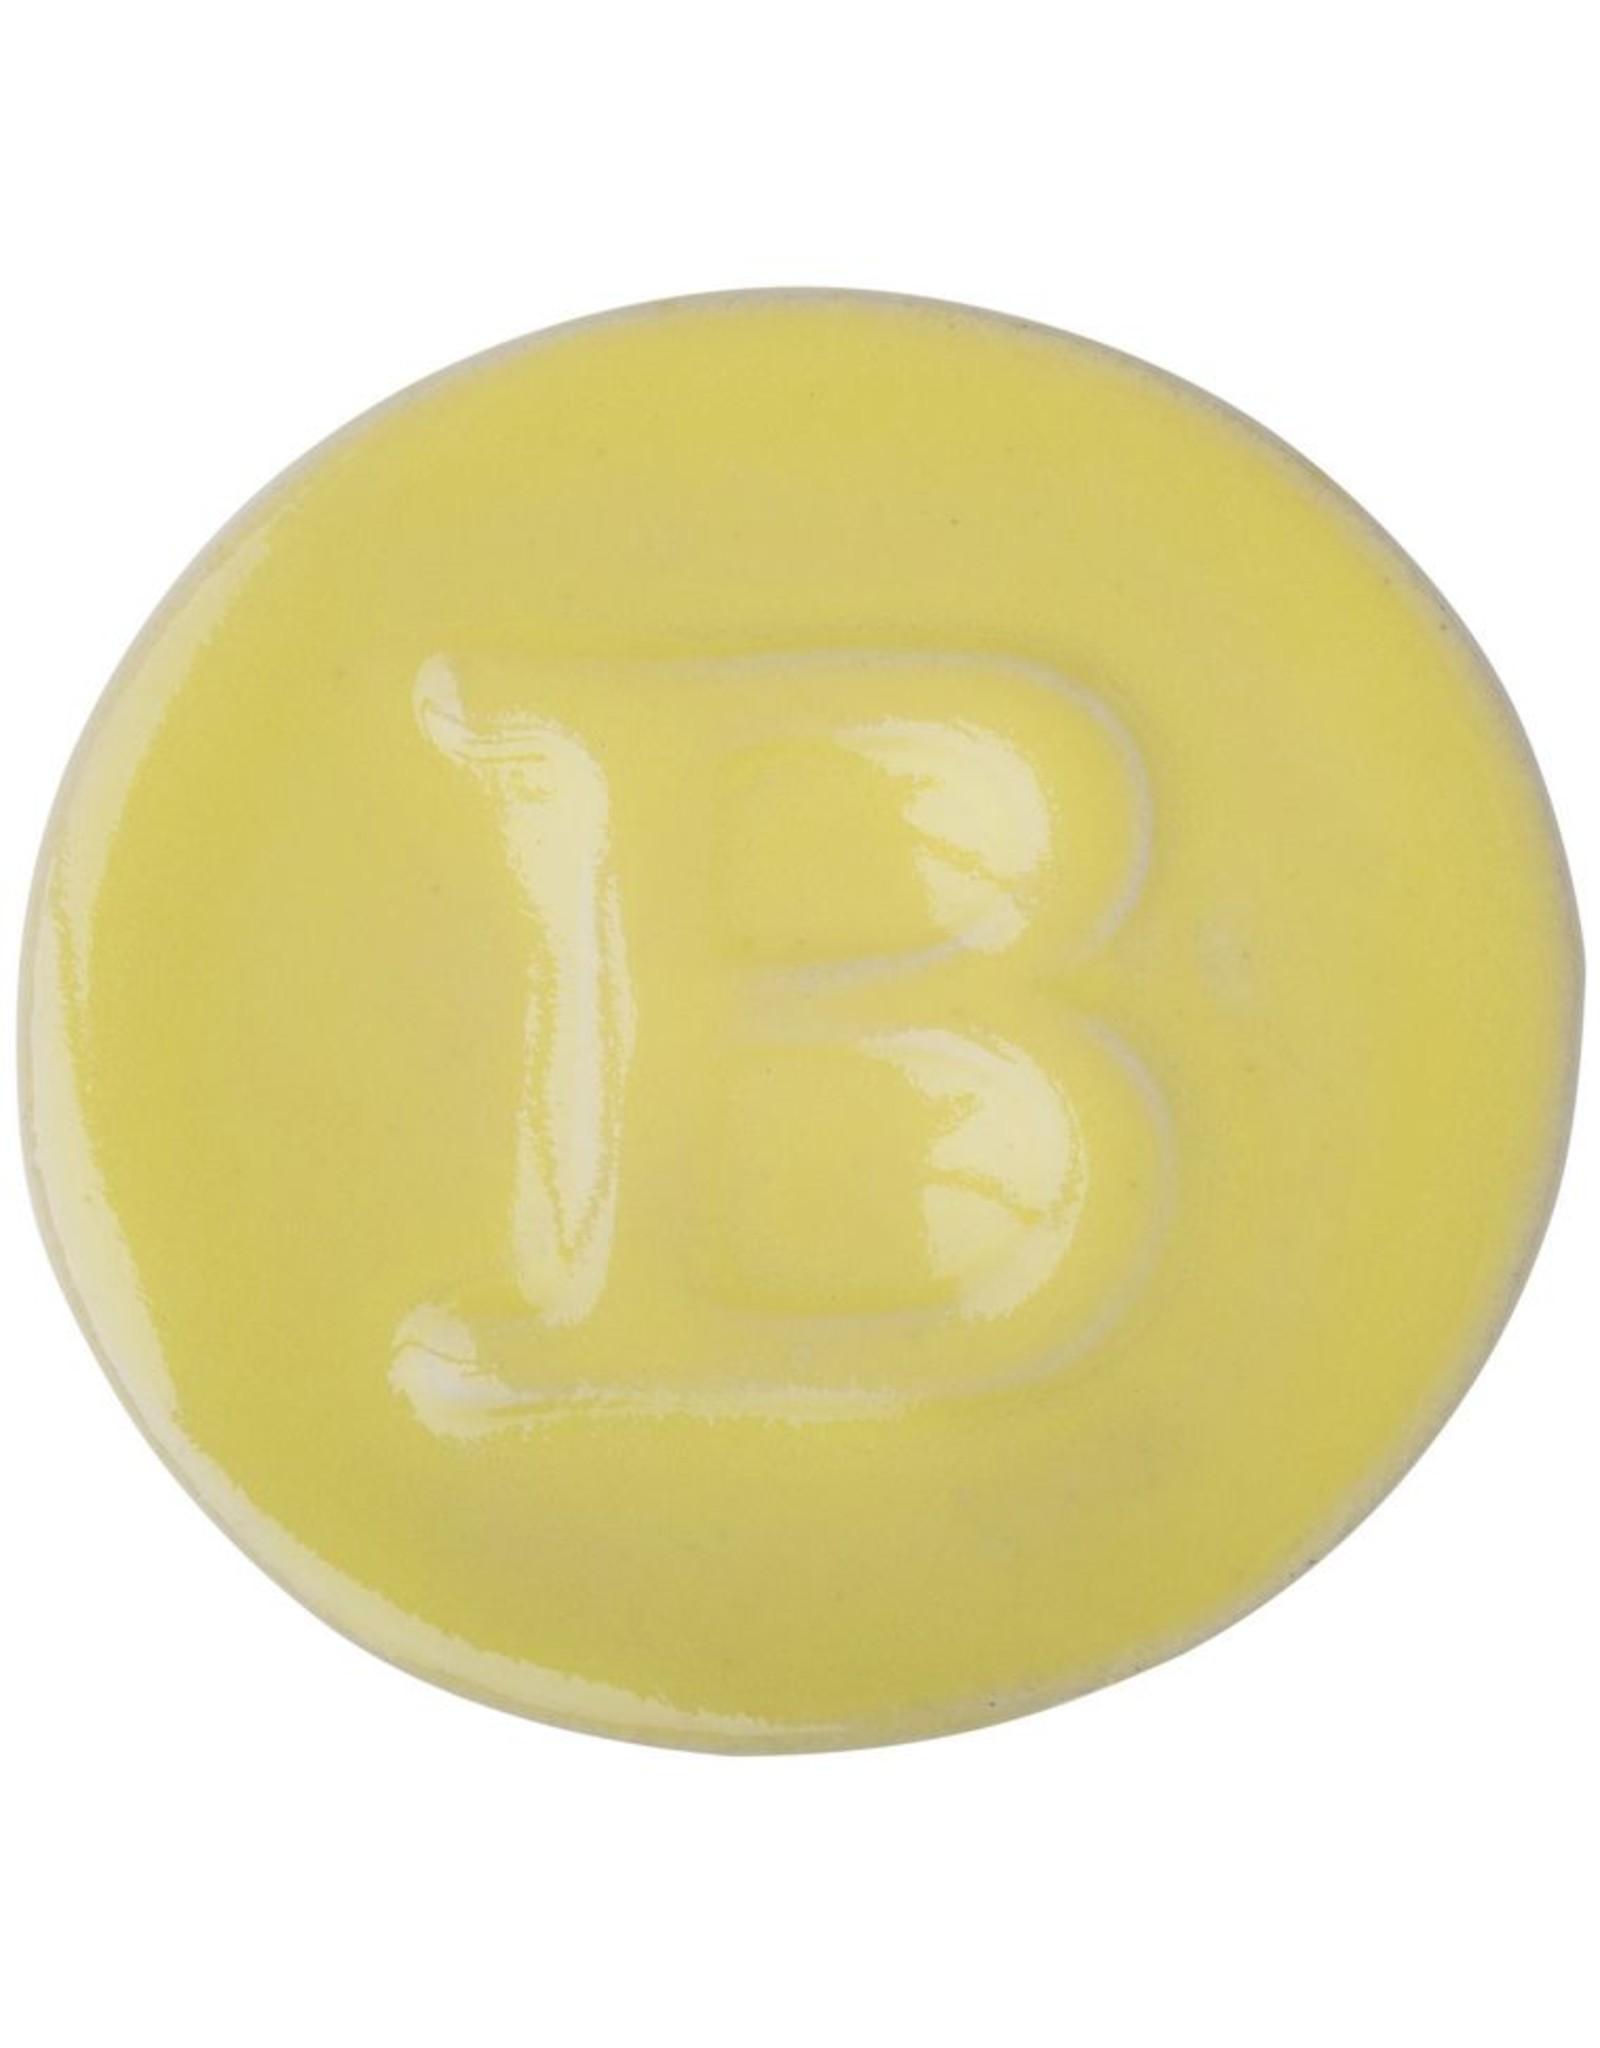 Botz Pro Citrine Yellow 800ml